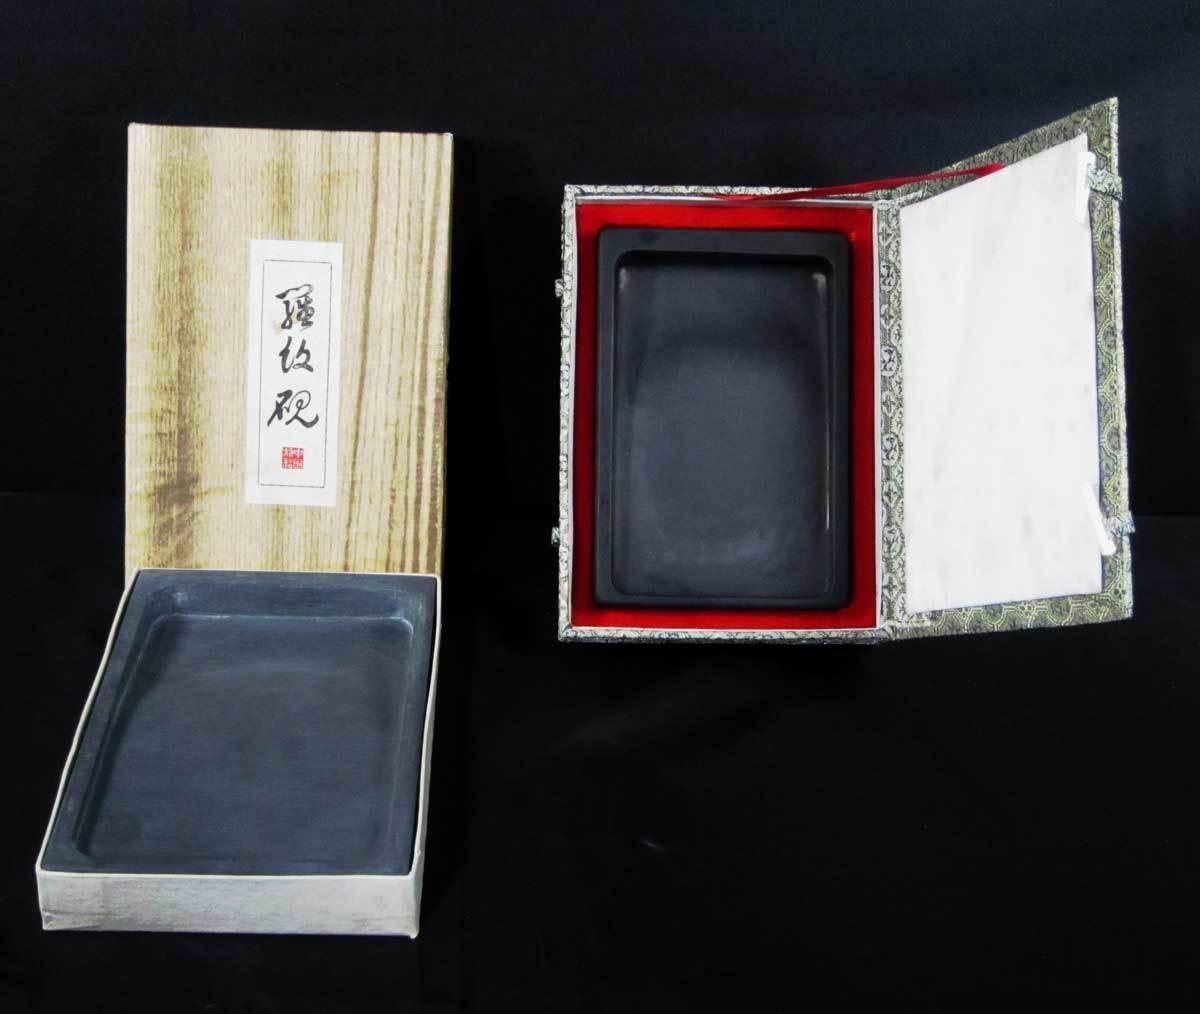 中国製 硯 細羅紋硯・羅紋硯